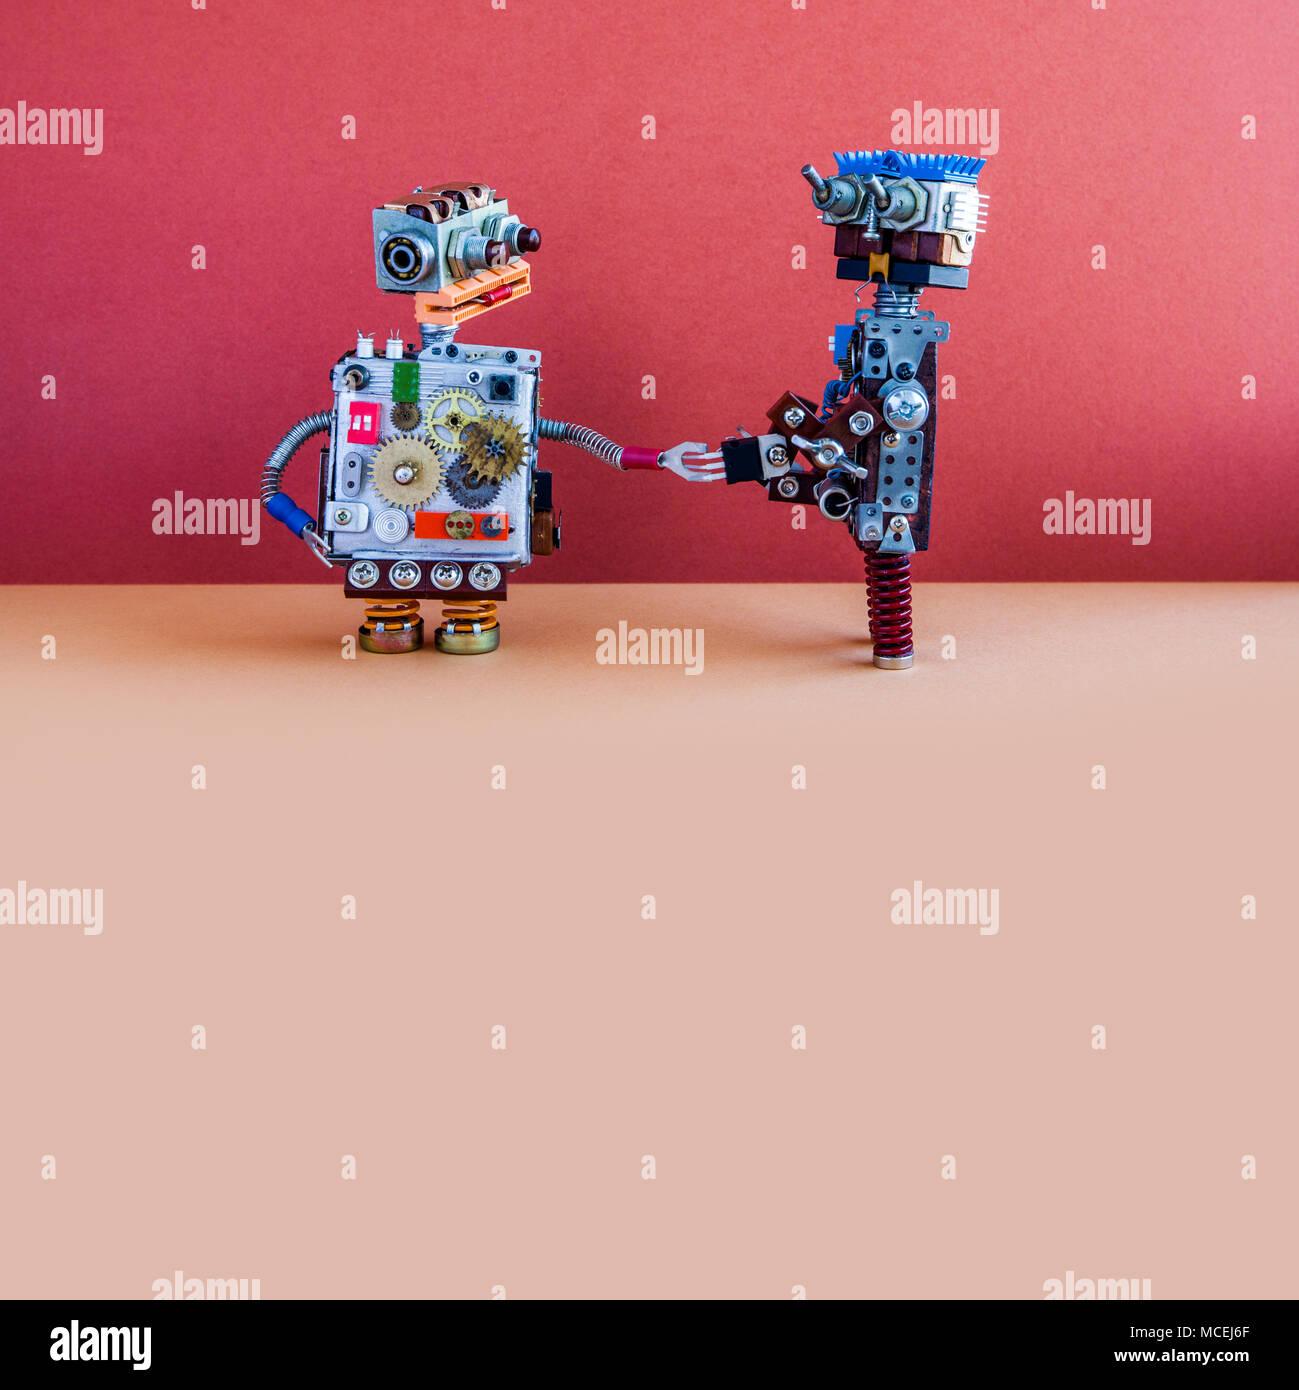 Deux robots saluent. Poignée de cyborgs mécanique cybernétique. Design créatif jouets robotisés, red wall brown marbre arrière-plan. Copy space Banque D'Images